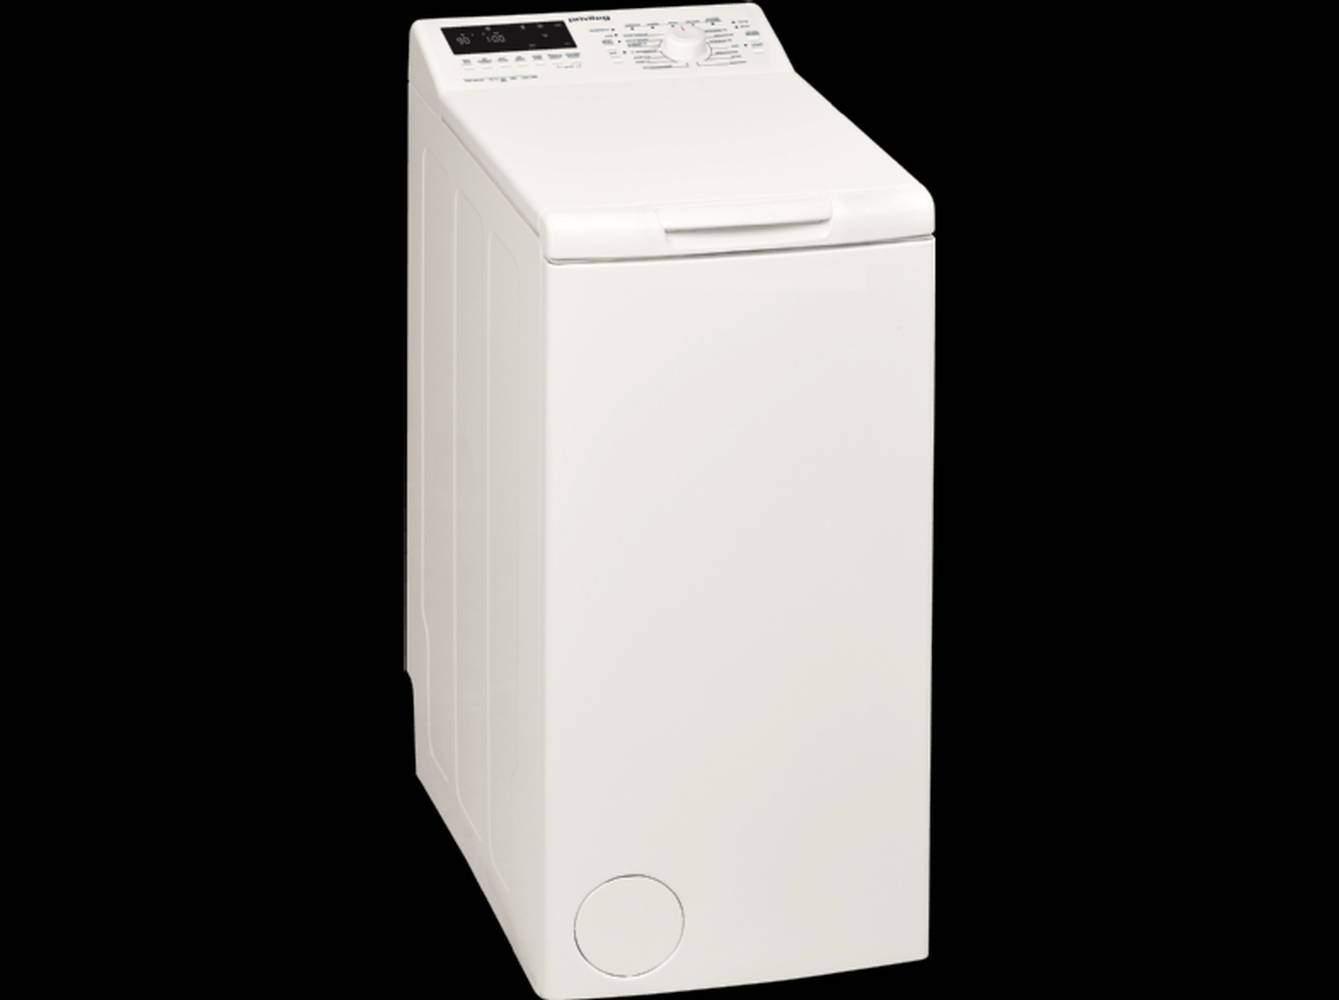 Privileg pwt ps waschmaschine im test